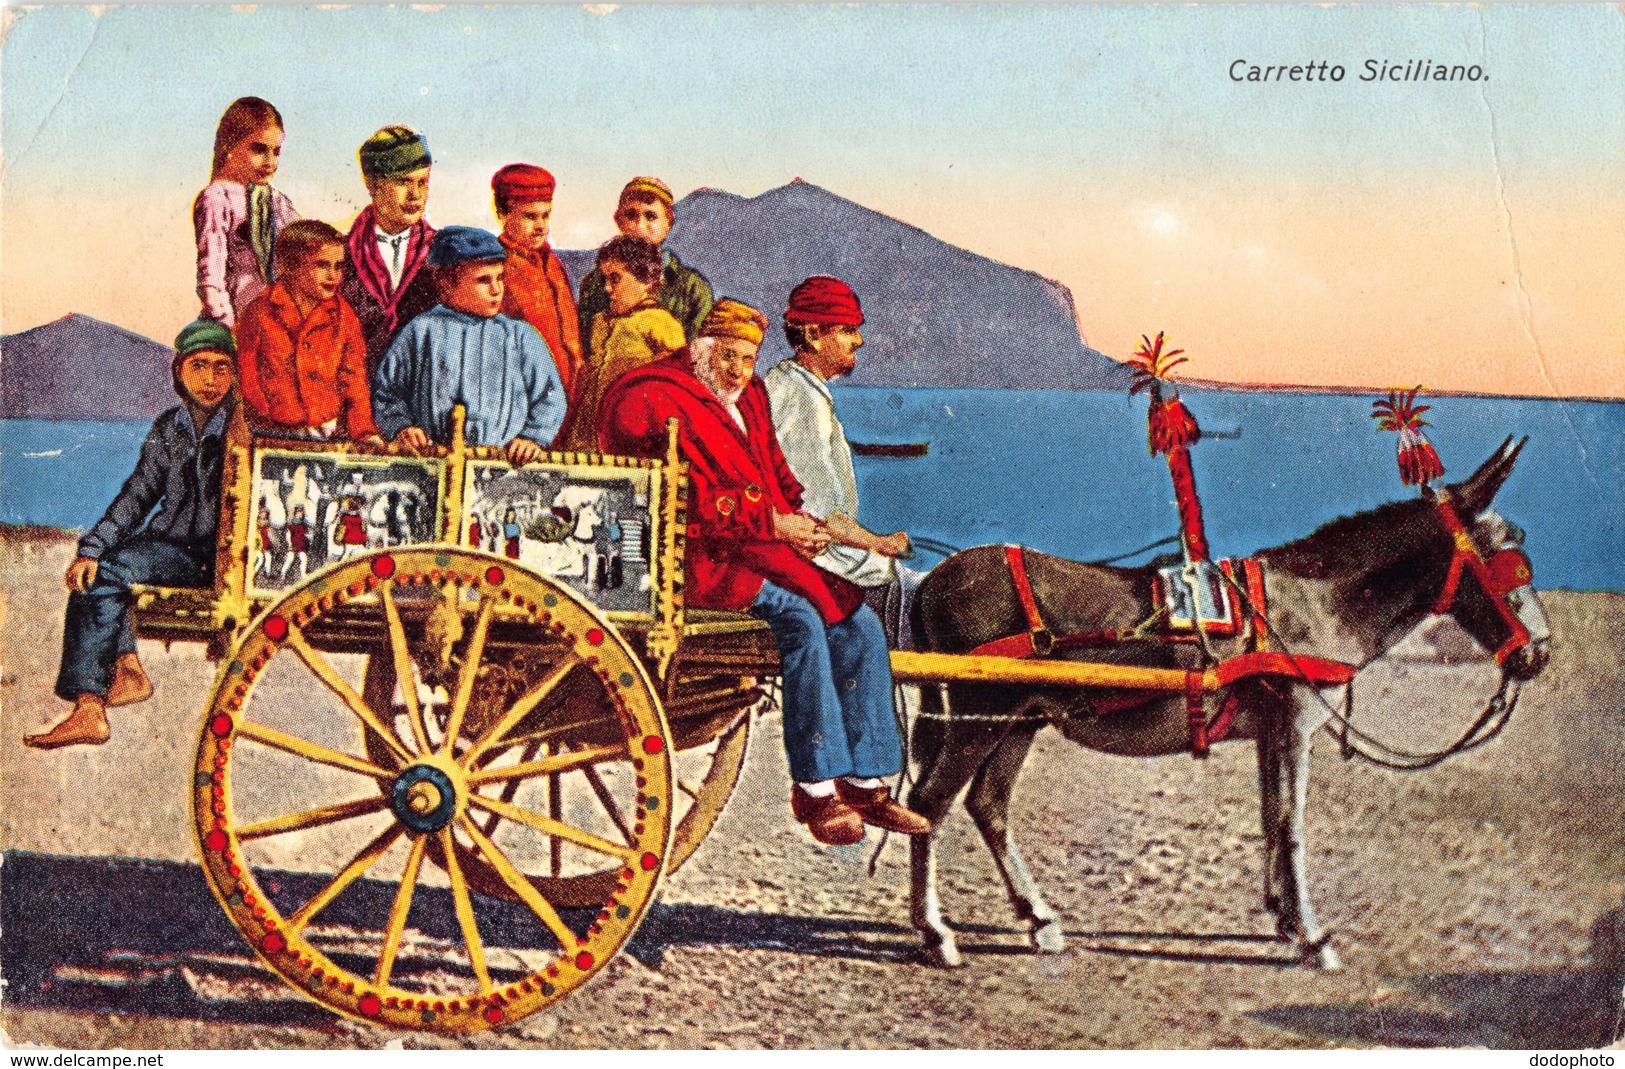 R176690 Carretto Siciliano. G. B. P - World